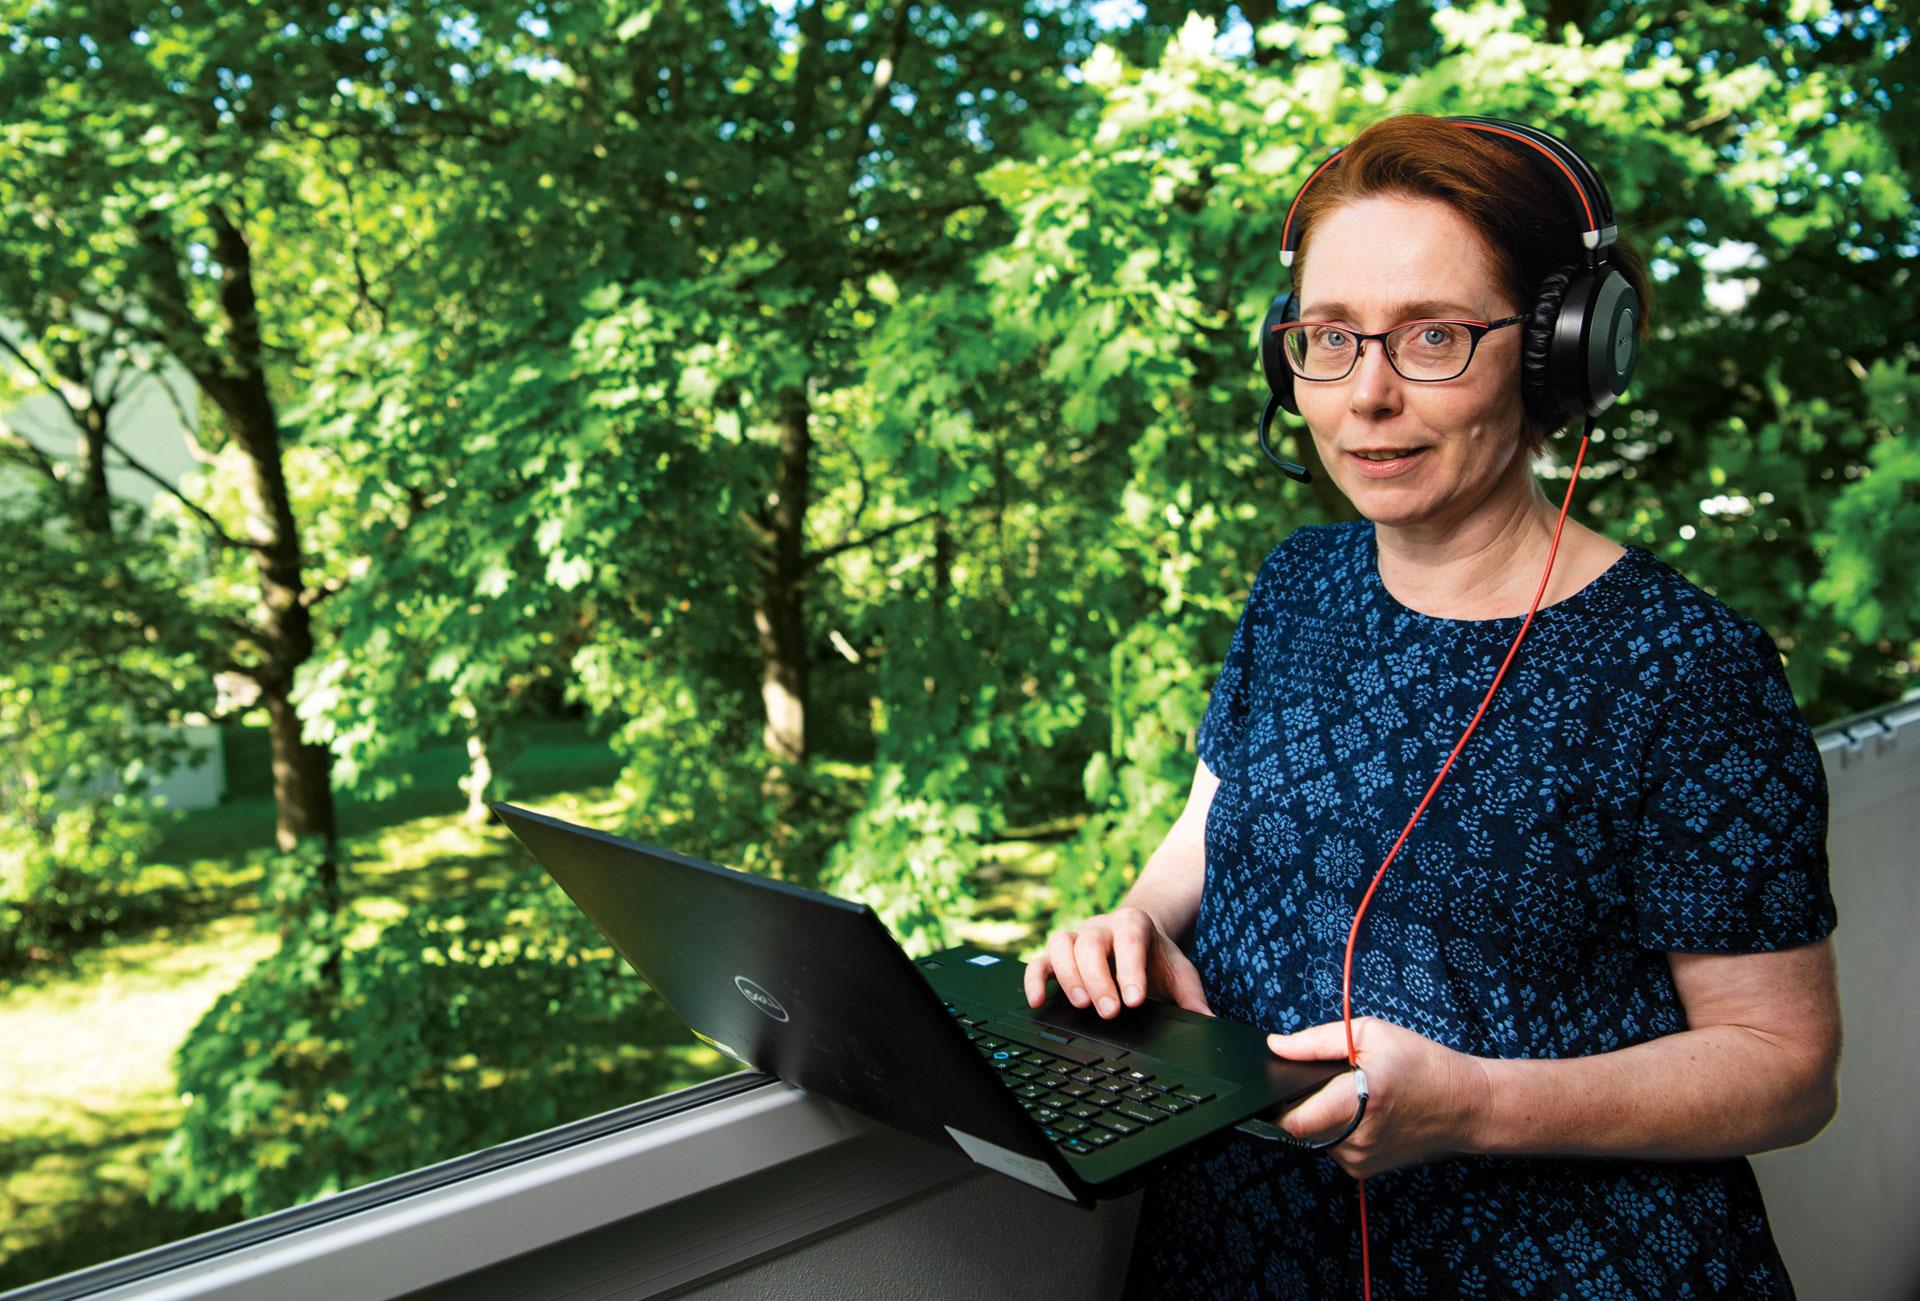 Kirsi Valanne parvekkeella kannettavan tietokoneen kanssa